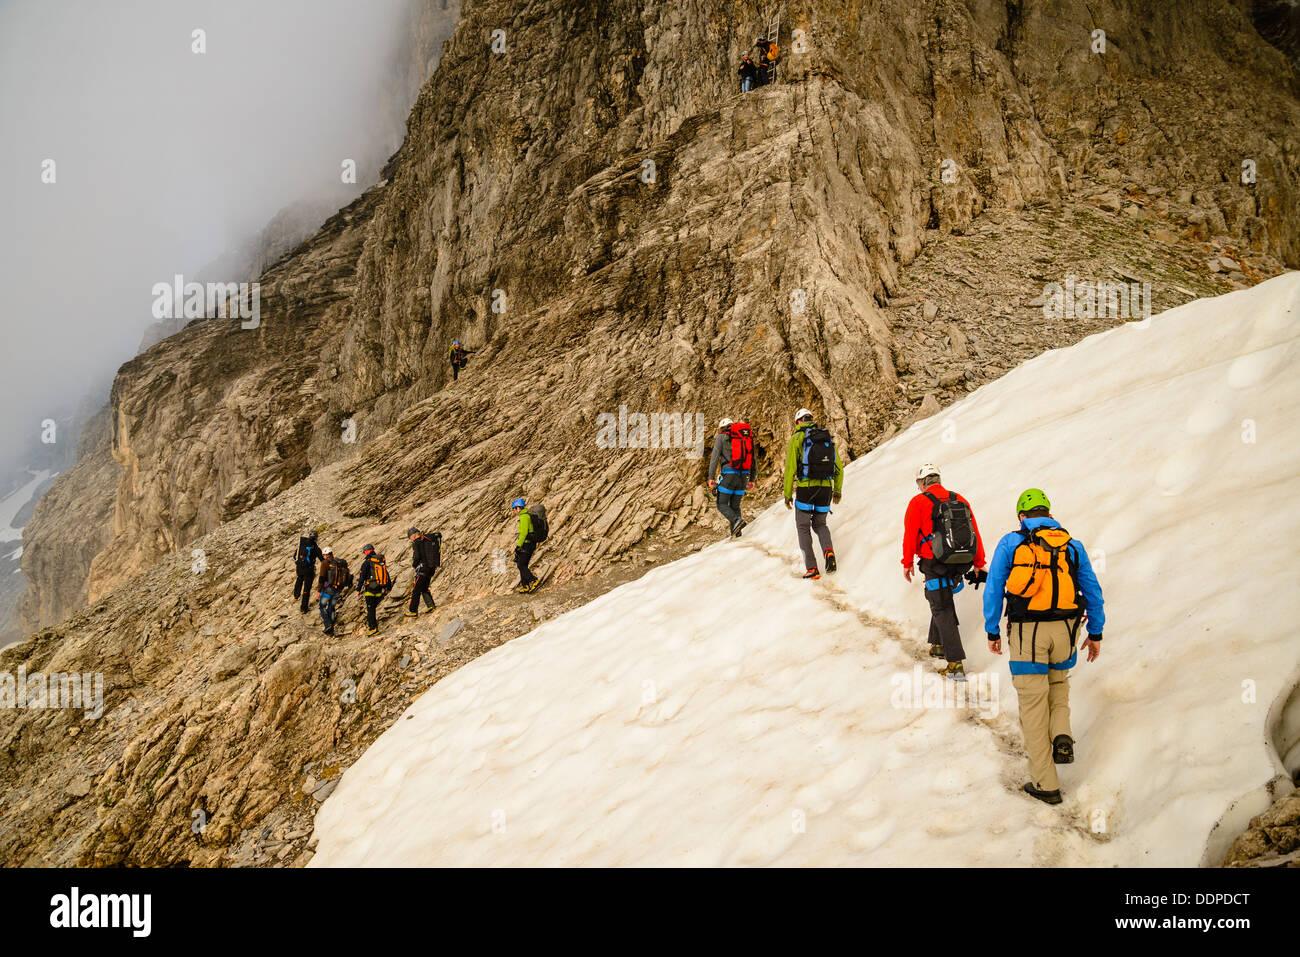 Klettersteig Grindelwald : Kletterer die annäherung an den rotstock klettersteig der